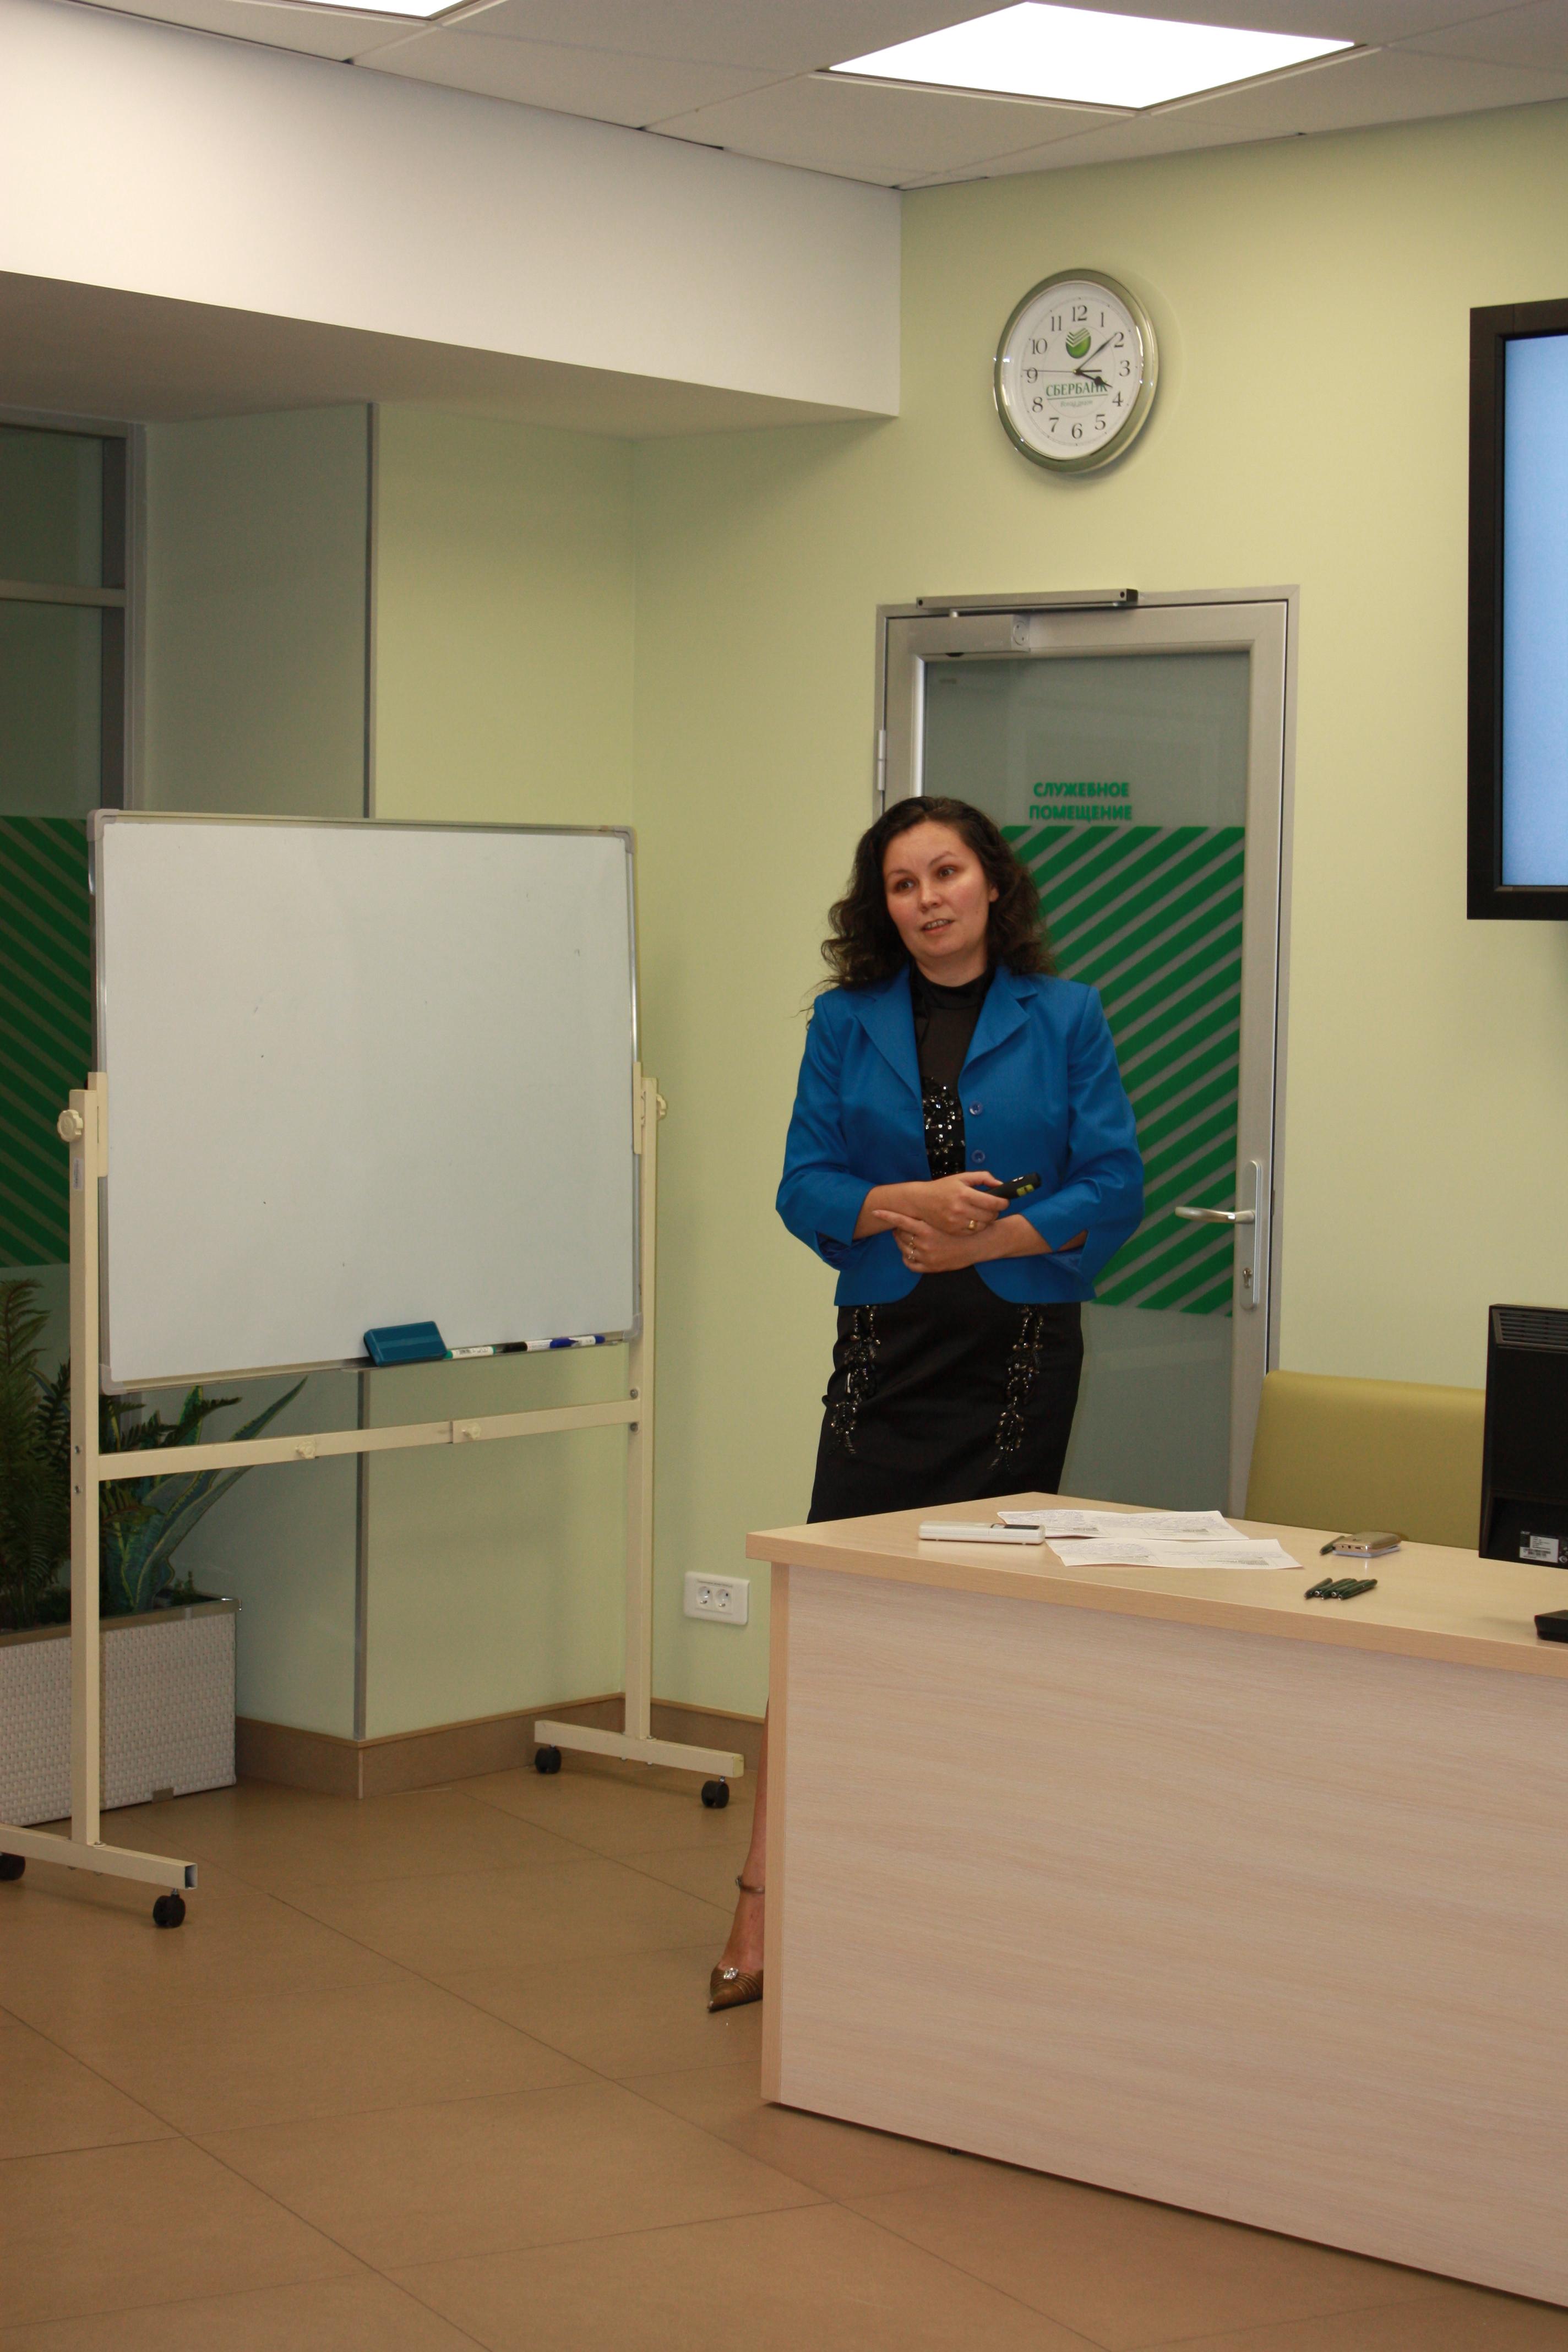 Самуйлова Татьяна, генеральный директор ООО ЭНЕРГОСОЮЗ, г. Смоленск